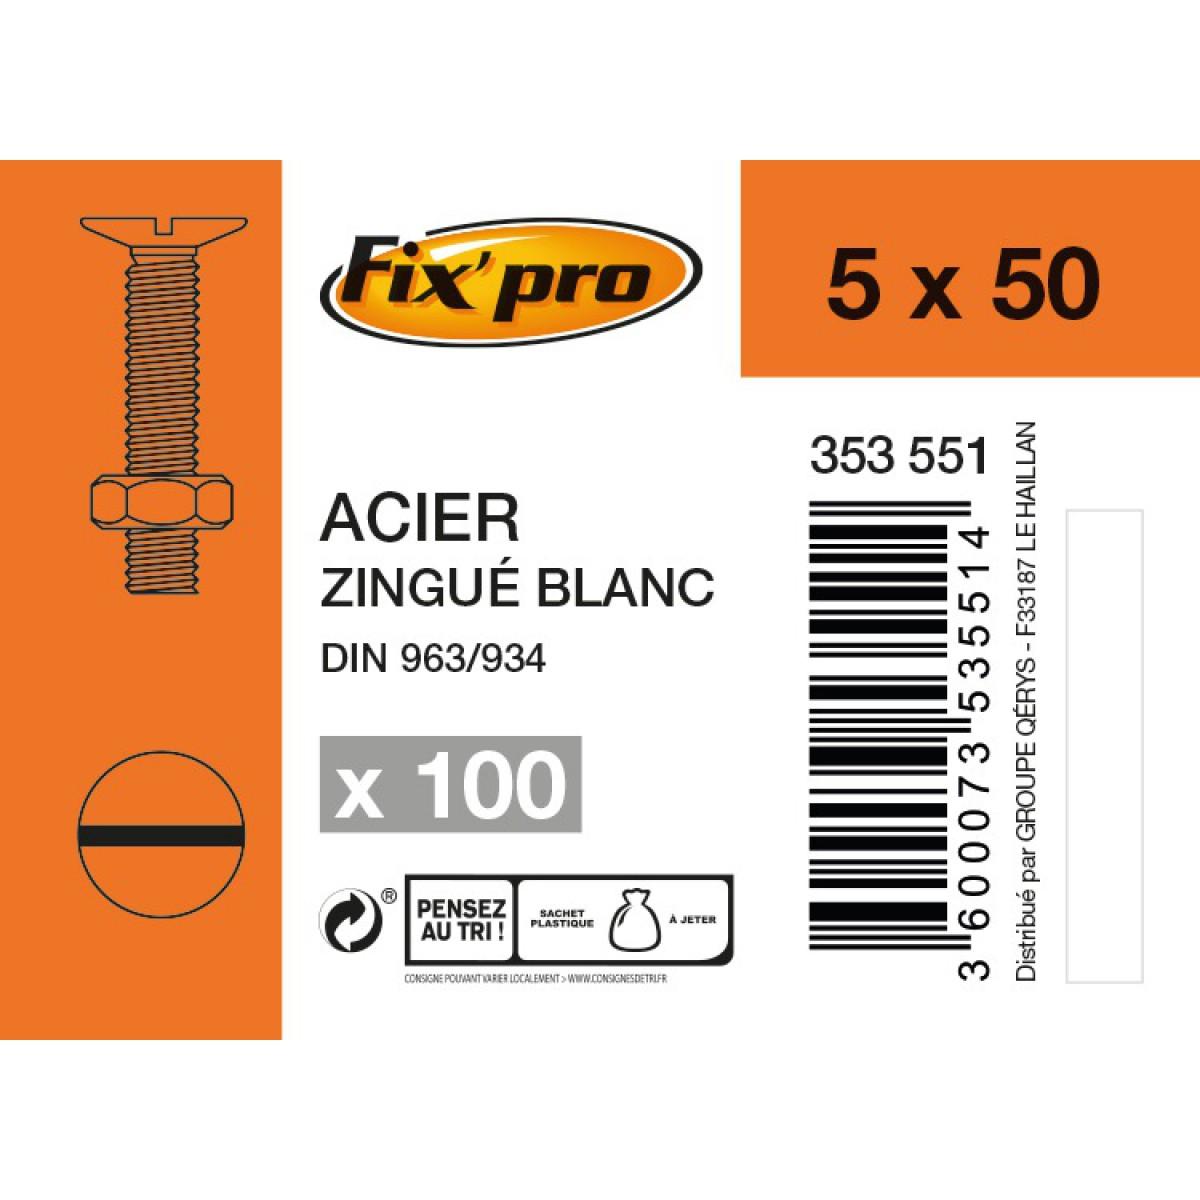 Boulon tête fraisée fendue acier zingué  - 5x50 - 100pces - Fixpro